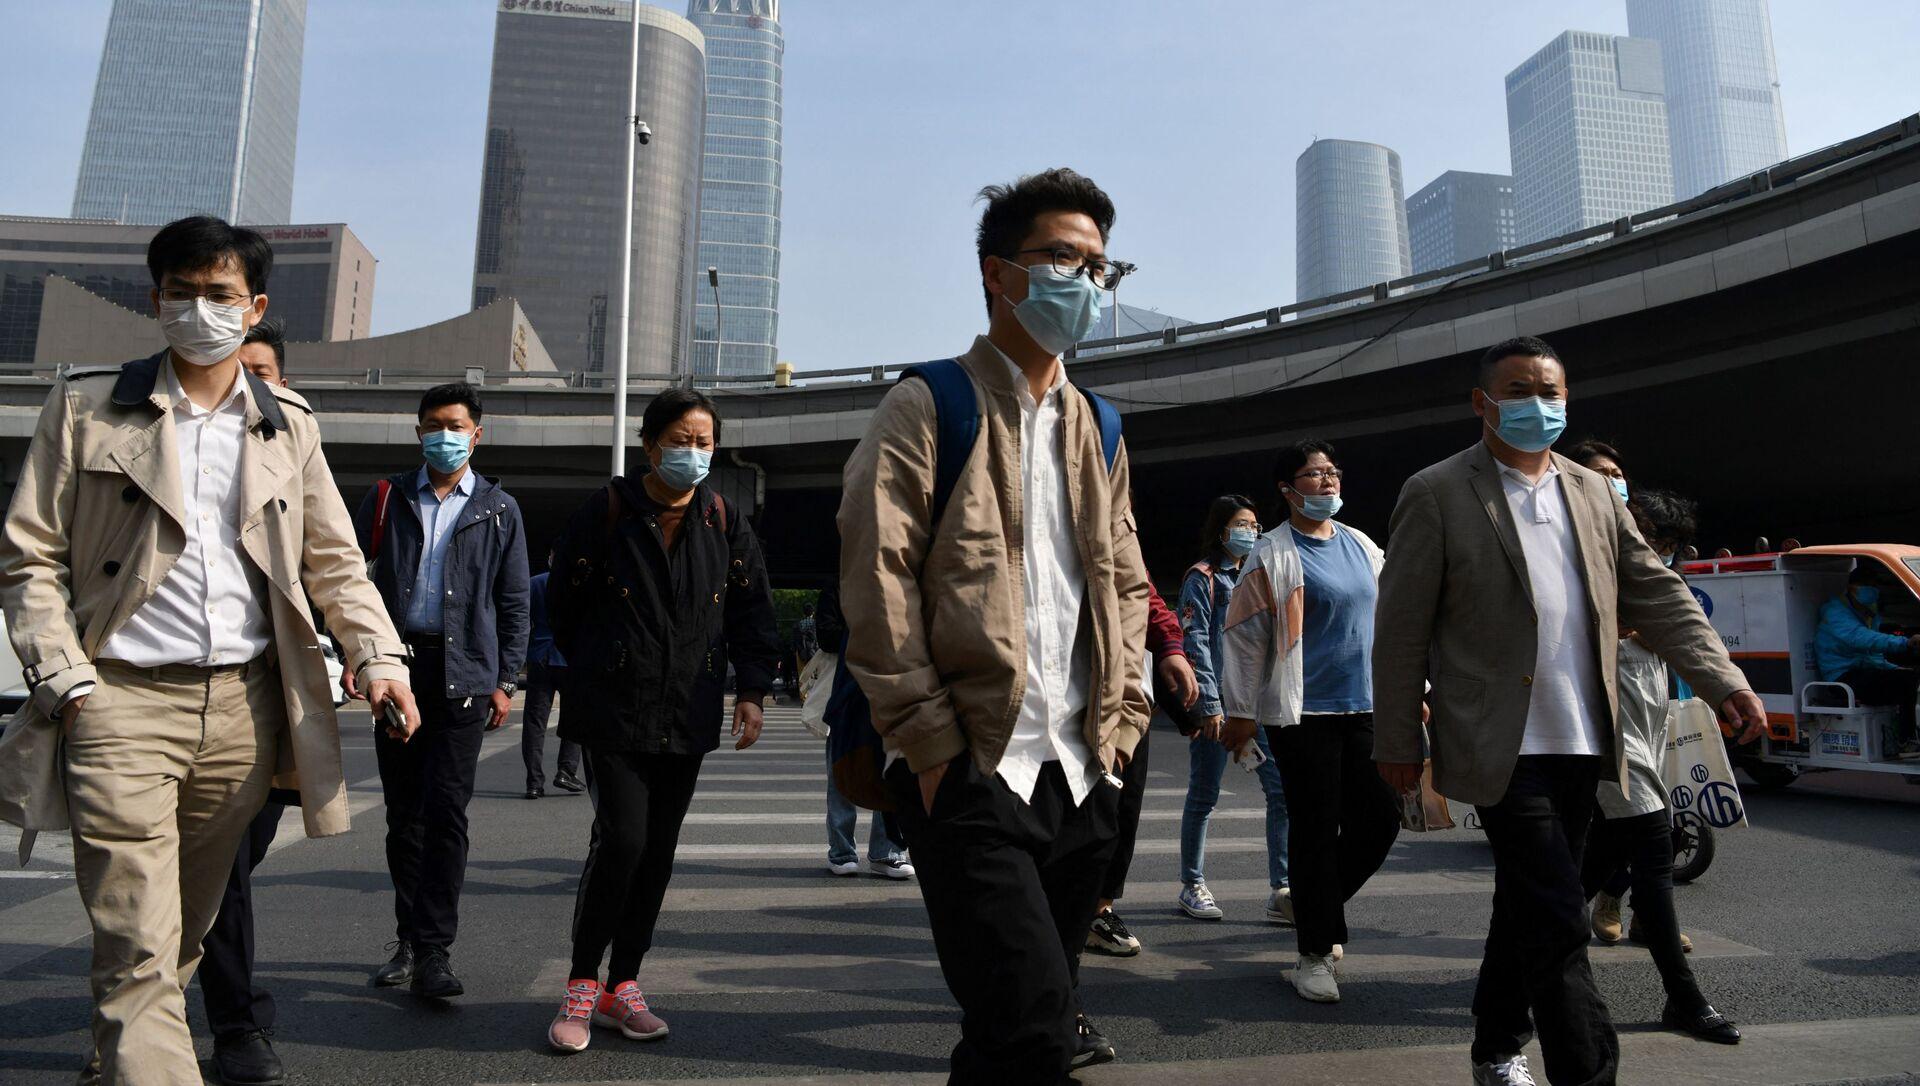 Прохожие в медицинских масках на одной из улиц Пекина, Китай - Sputnik 日本, 1920, 19.07.2021